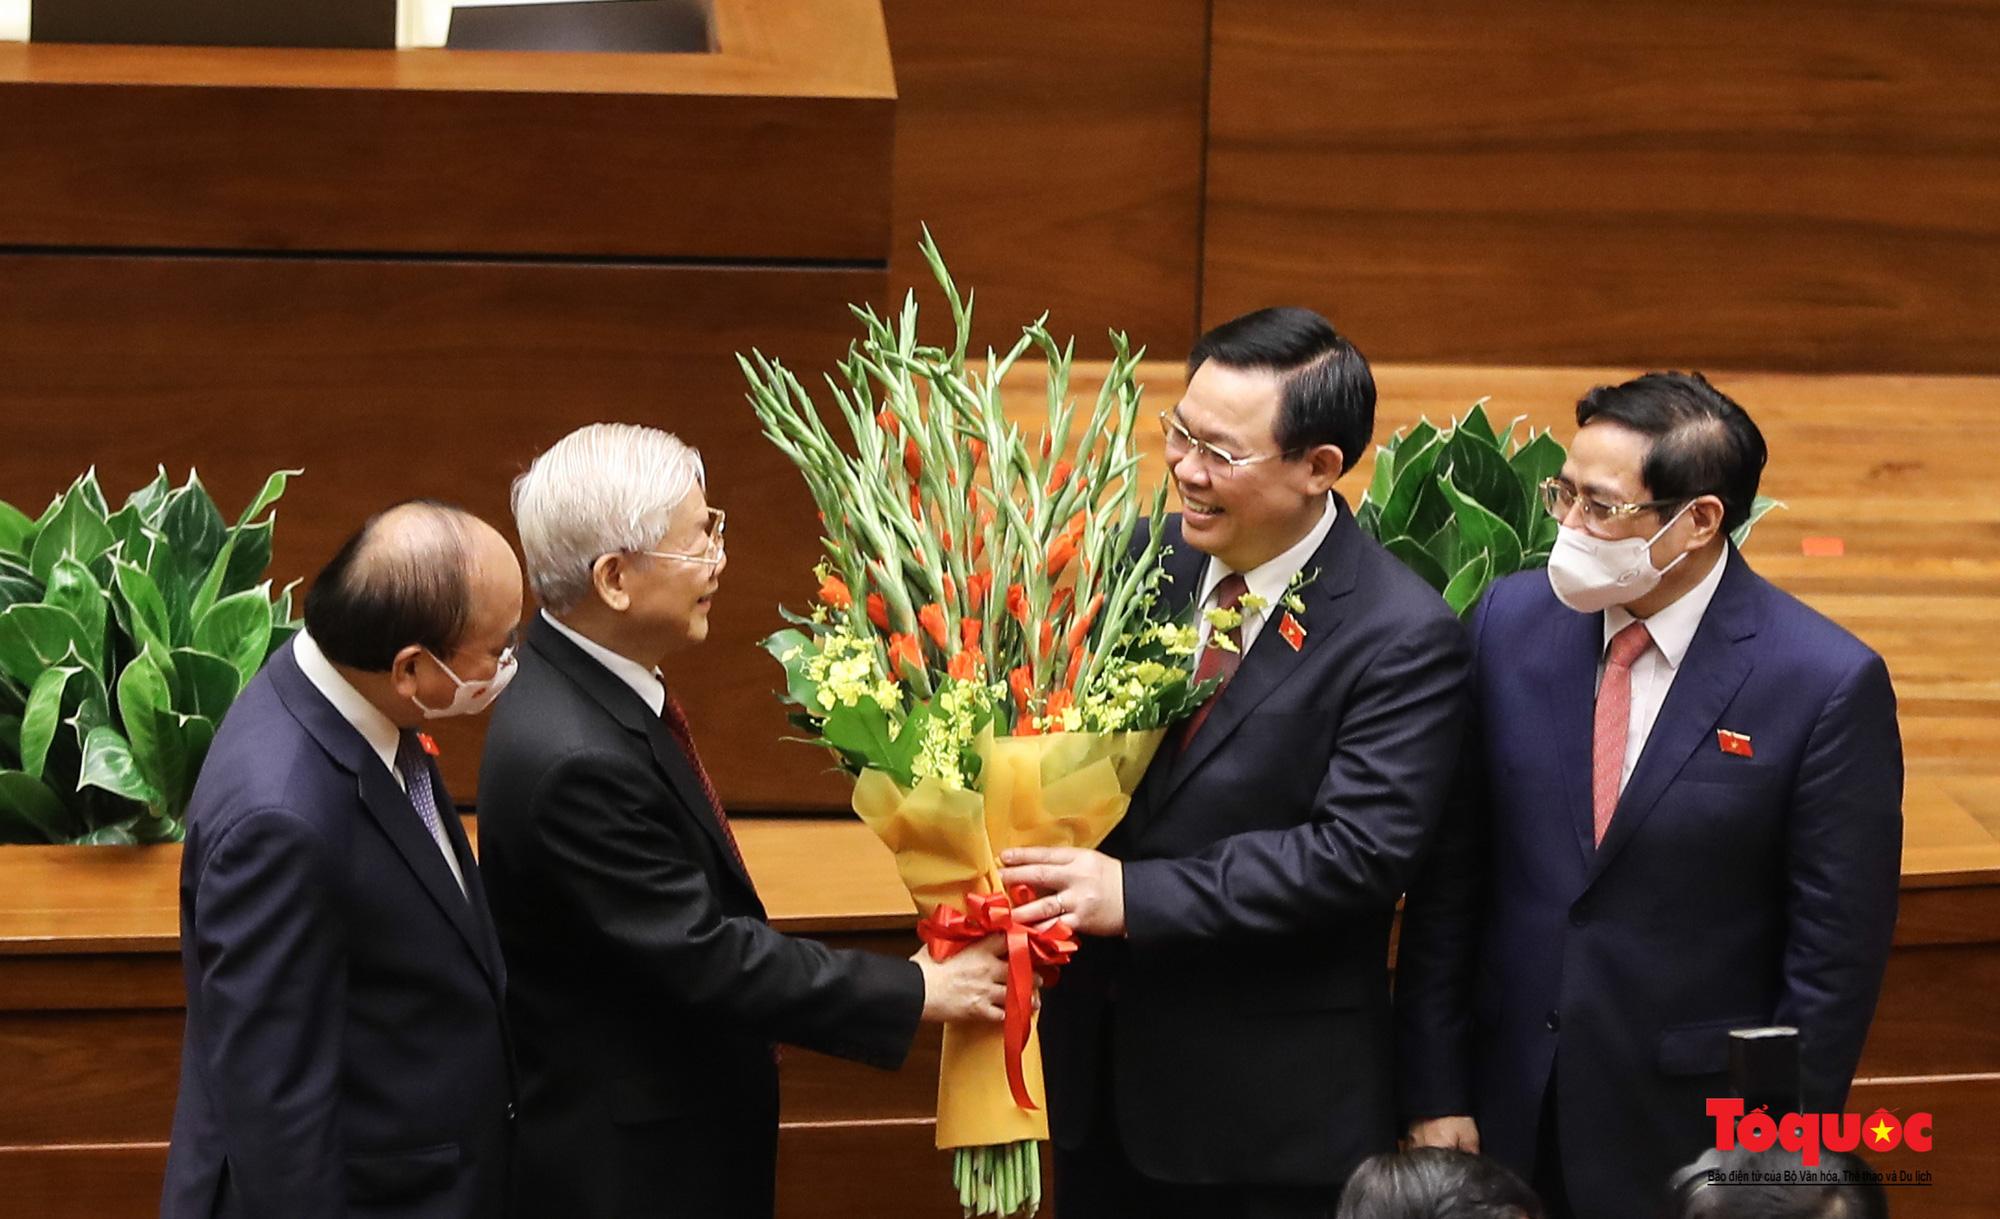 Chùm ảnh: Khai mạc trọng thể Kỳ họp thứ nhất, Quốc hội khóa XV - Ảnh 7.